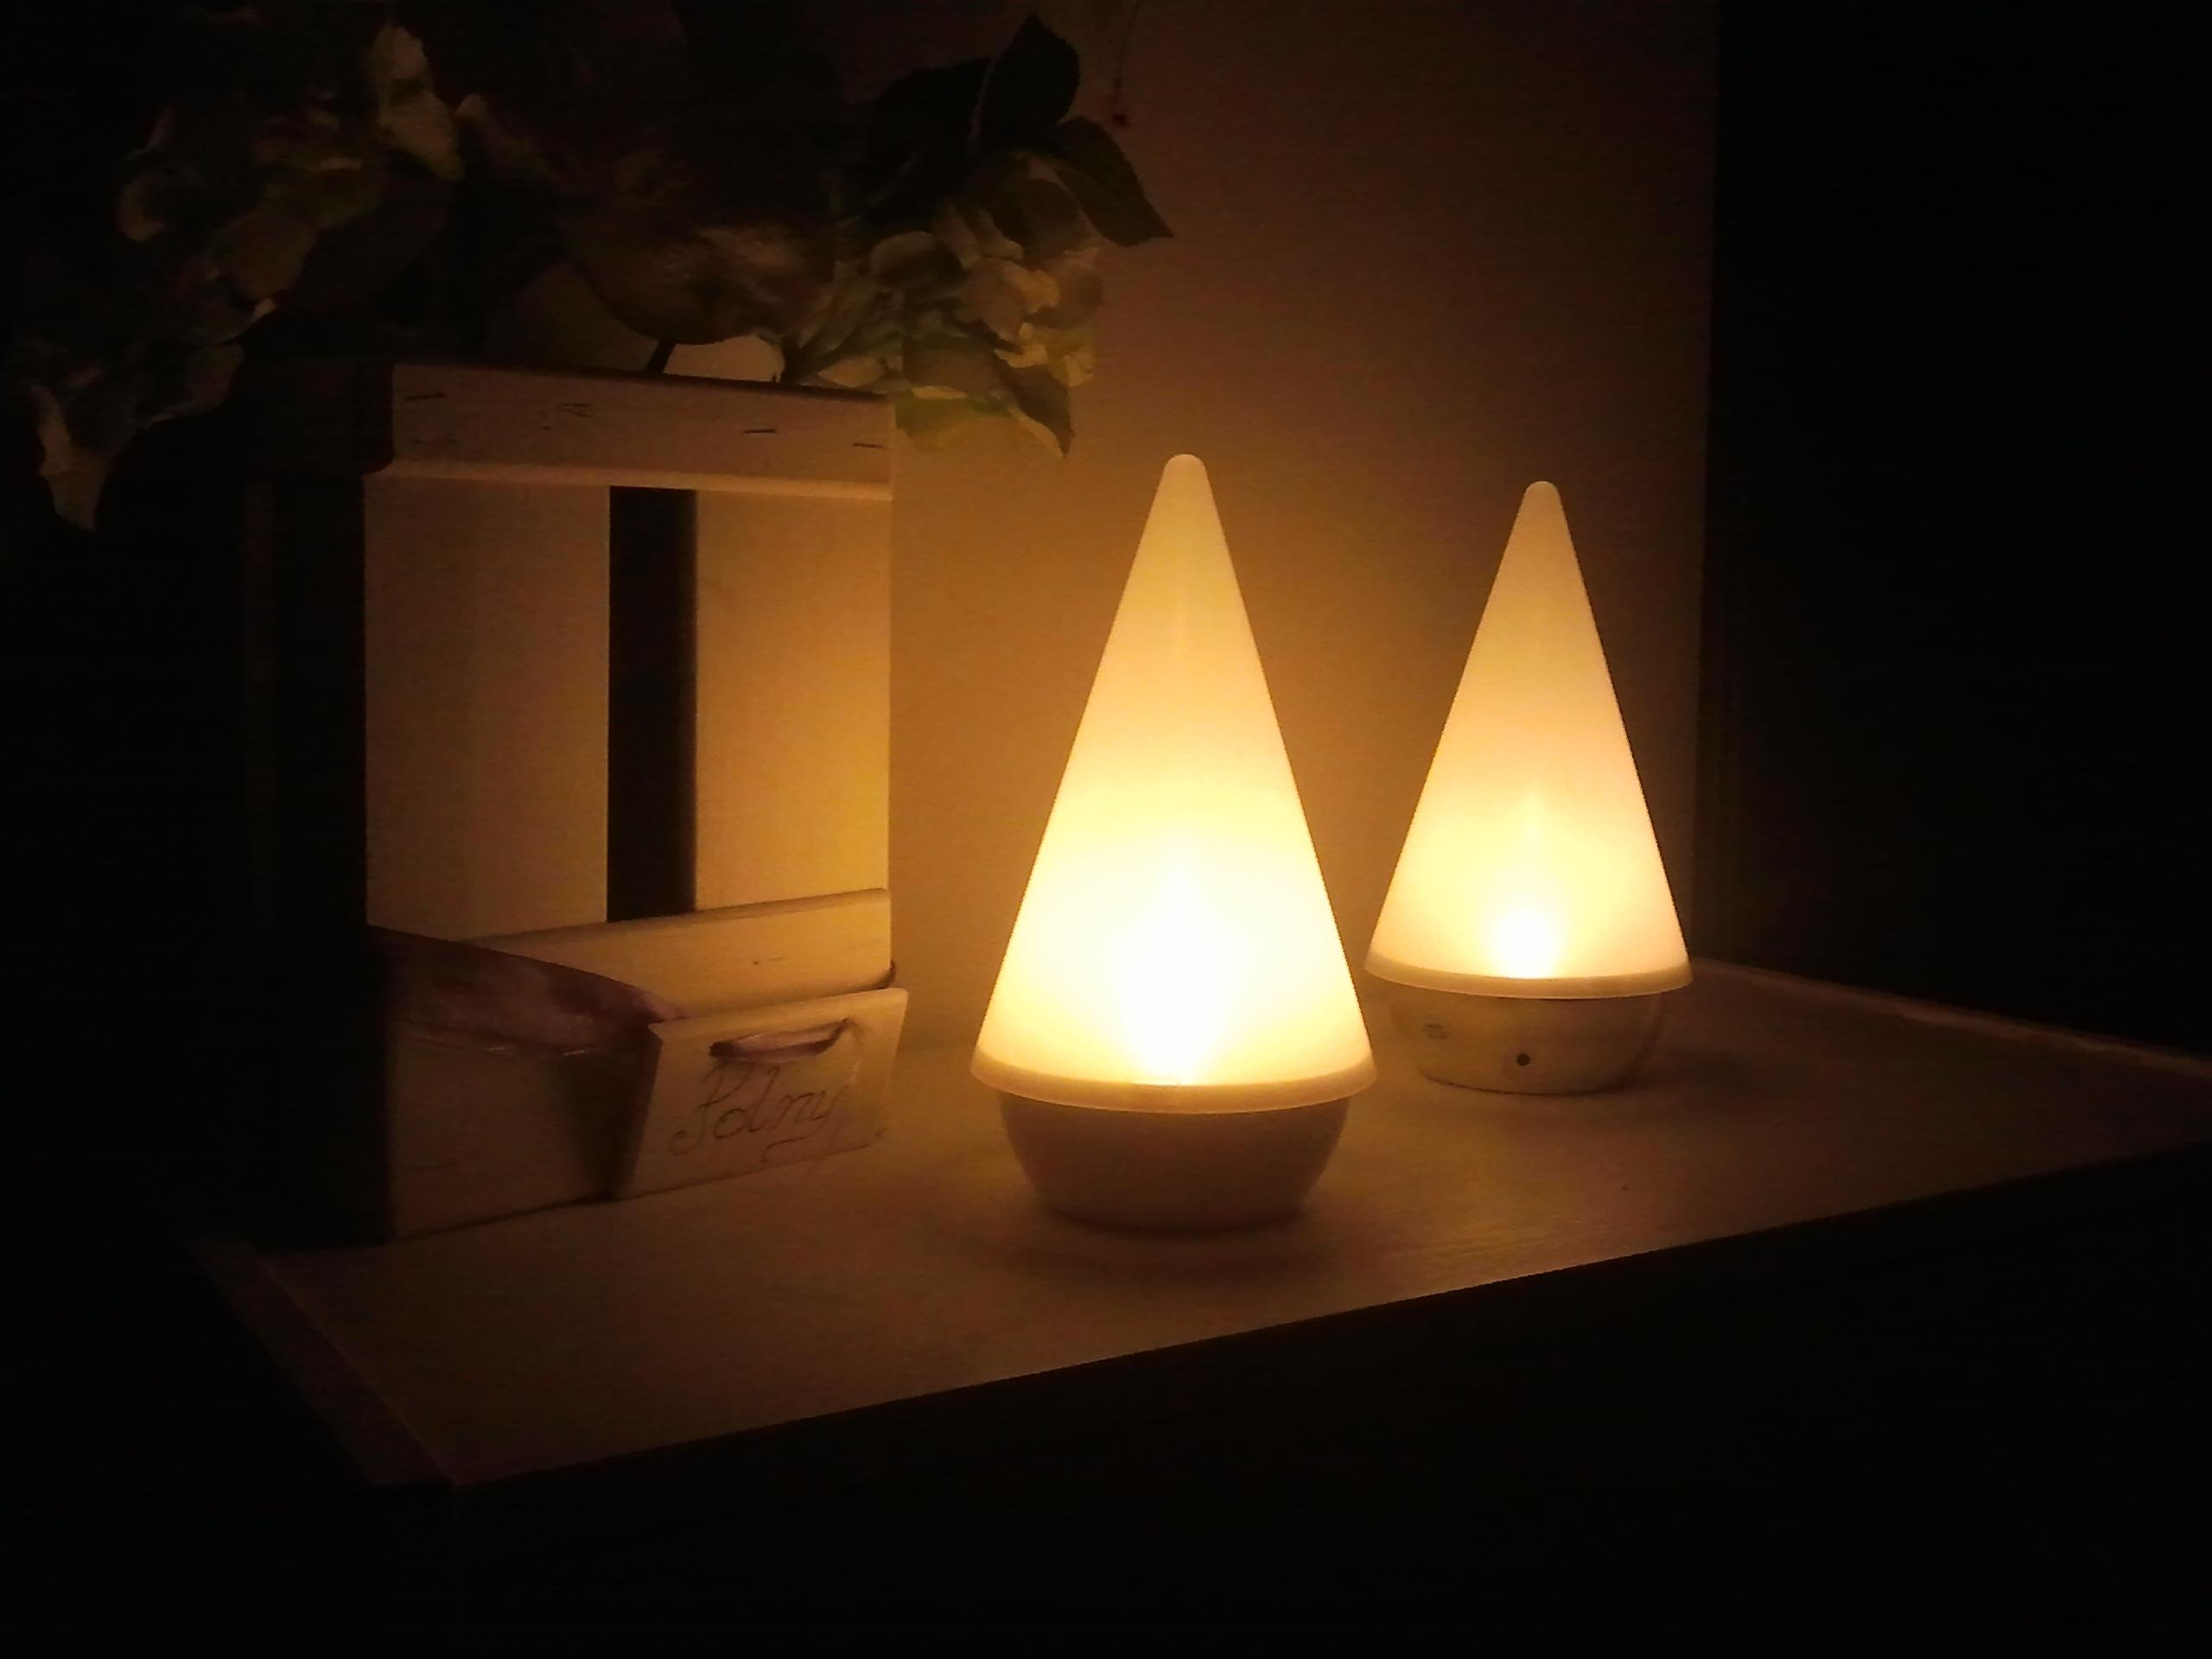 Akumulatorowa lampka z Ikea za 9.99